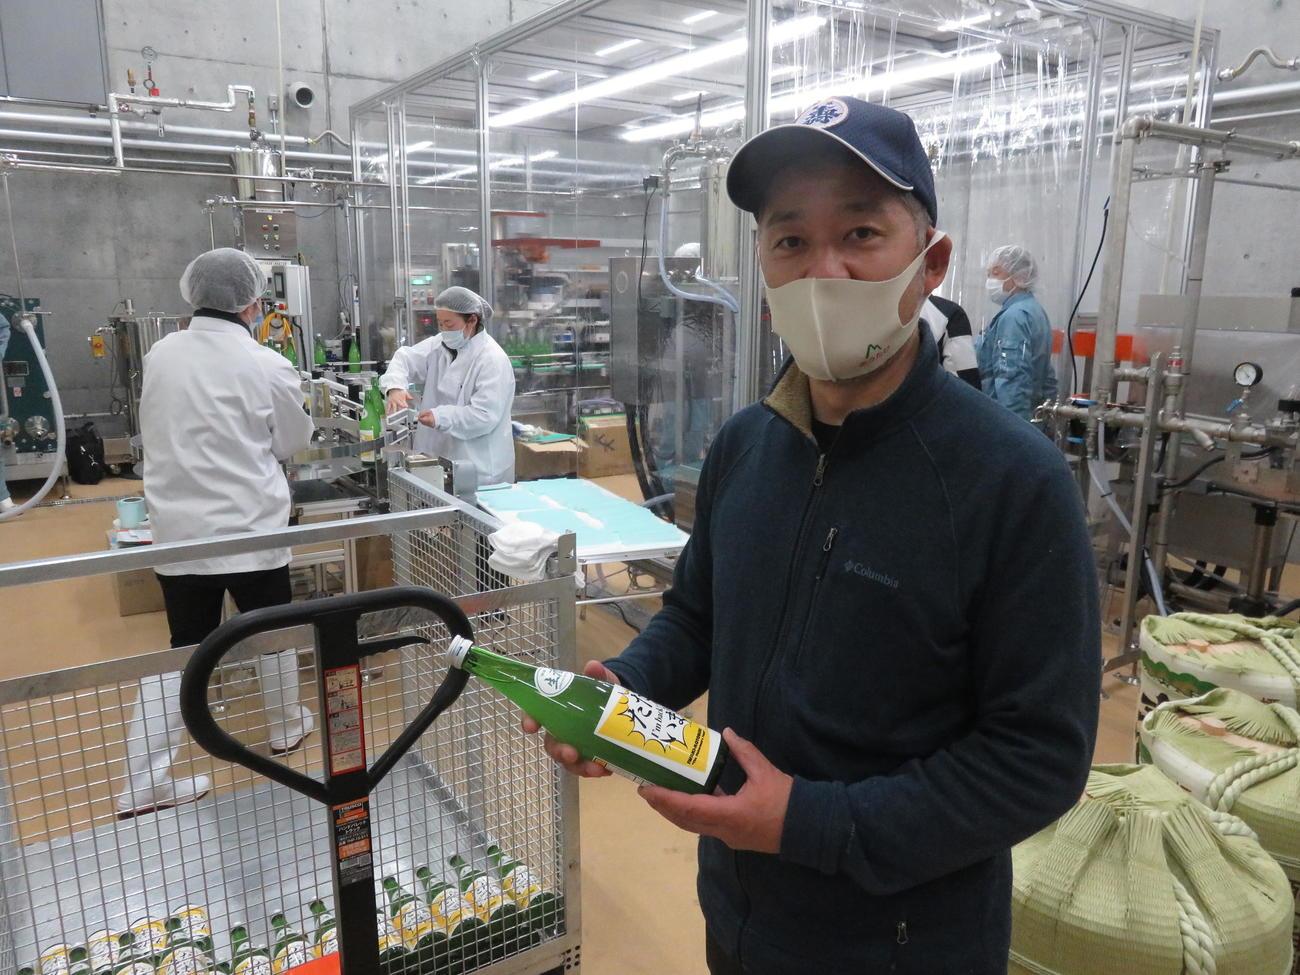 瓶詰めされた「磐城壽ランドマーク」を手に取る鈴木酒造店の社長で杜氏(とうじ)の鈴木大介さん